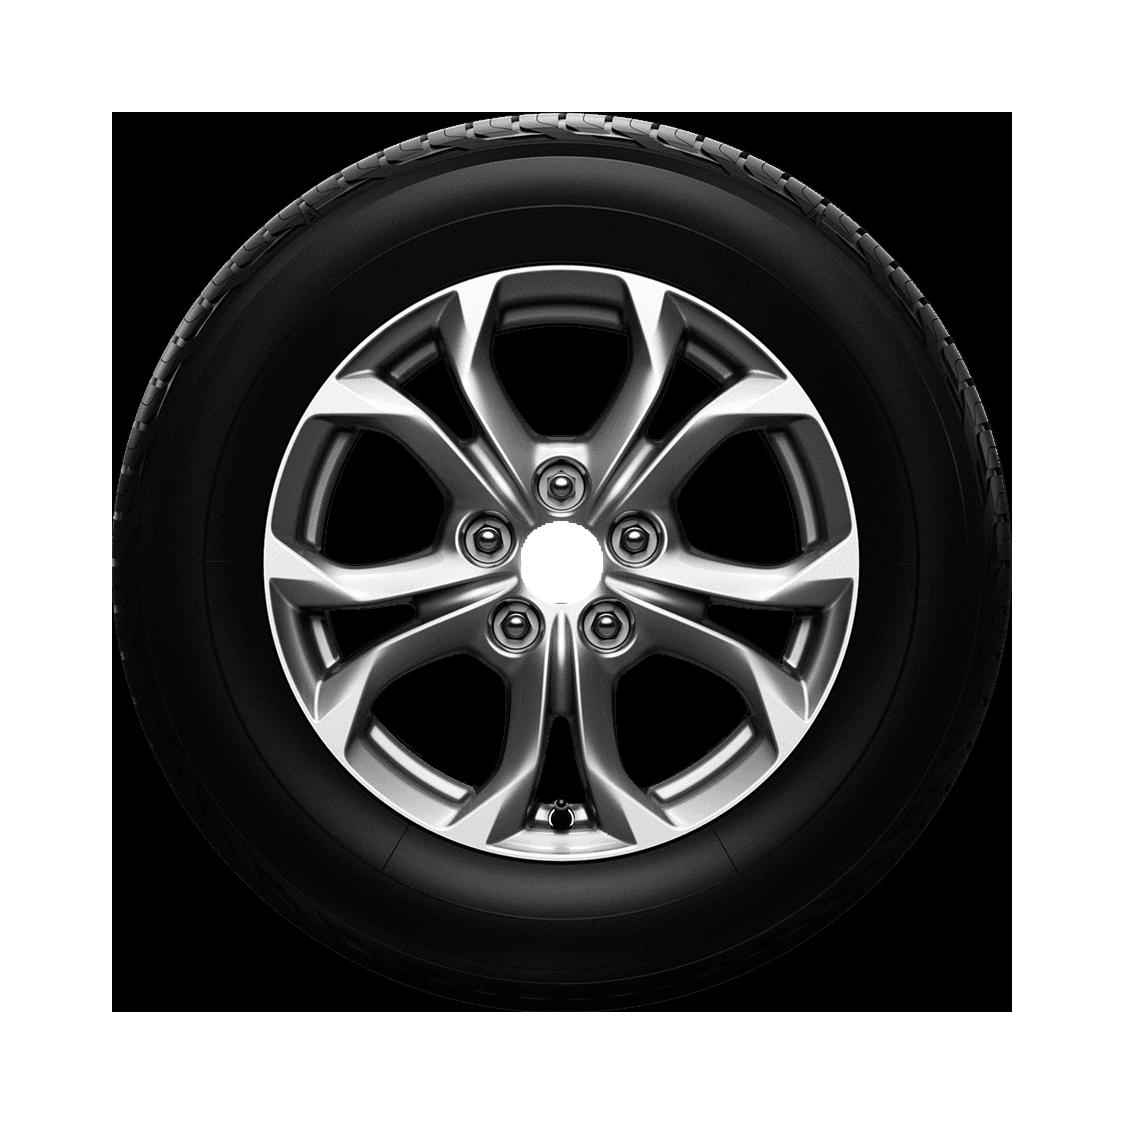 DAI Wheels Classic Graphite